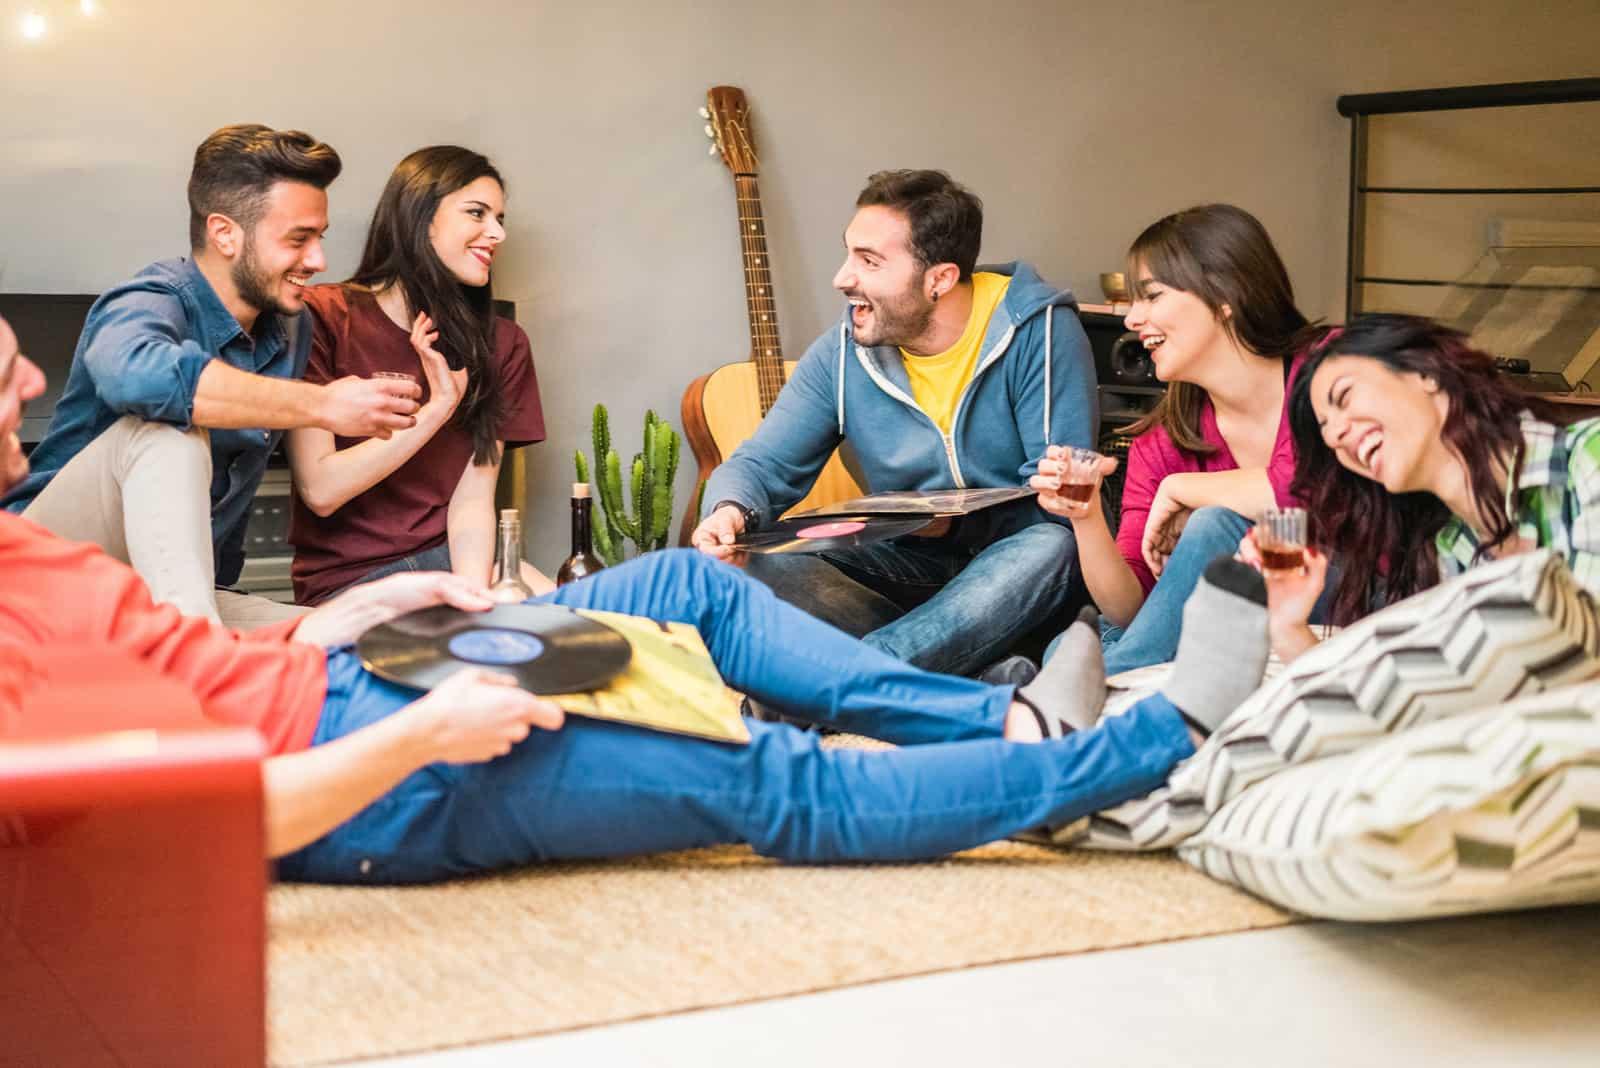 des amis sont assis sur le sol en tenant des planches et en riant